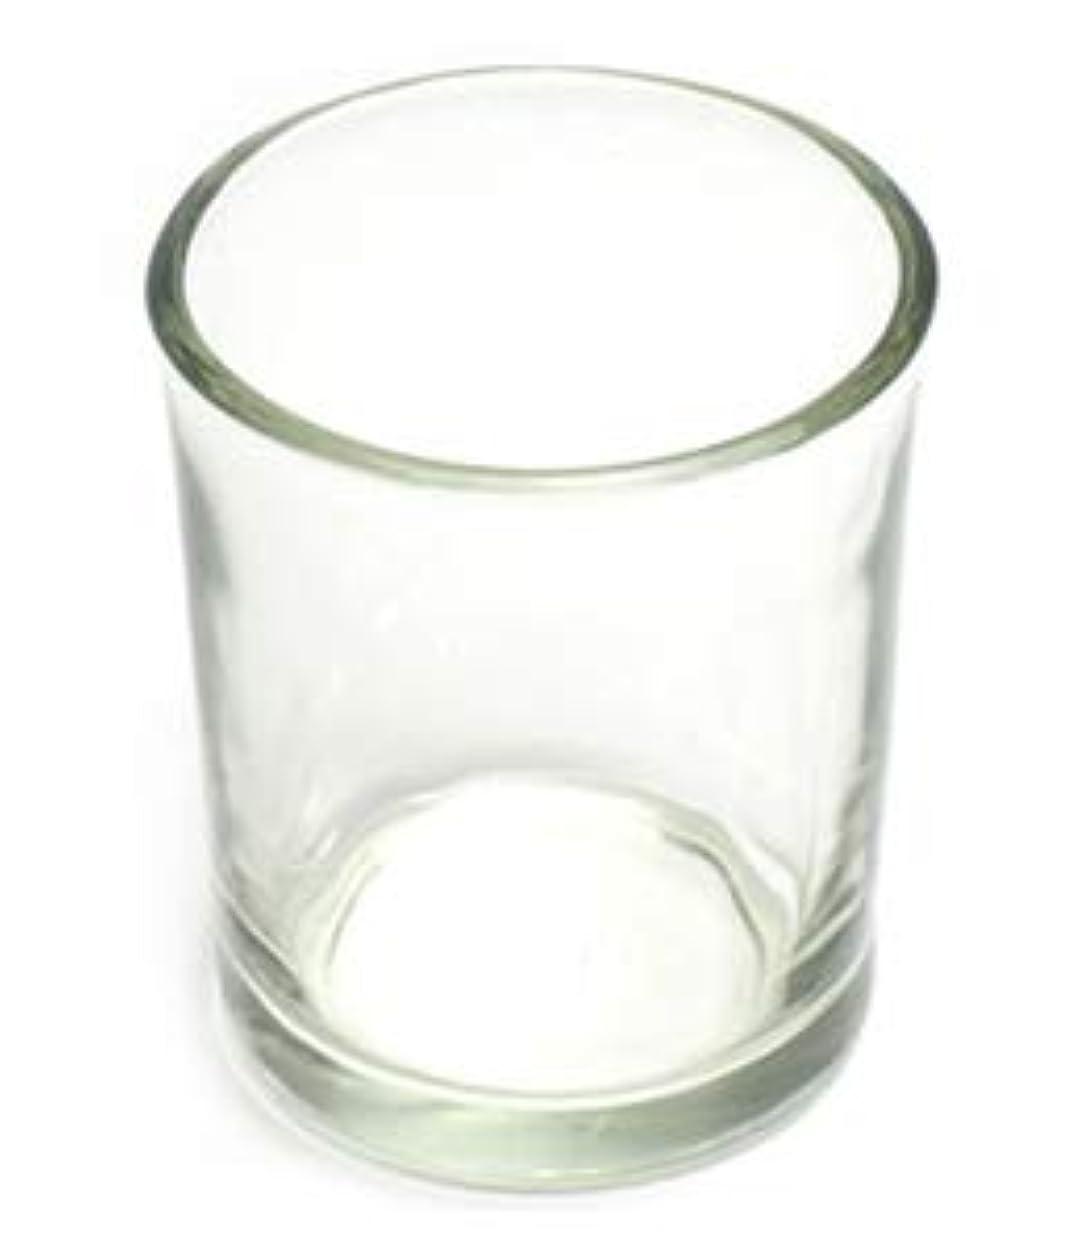 権限廃止挑むキャンドルホルダー ガラス シンプル[小] 192個【キャンドルスタンド 透明 クリア おしゃれ ろうそく立て】